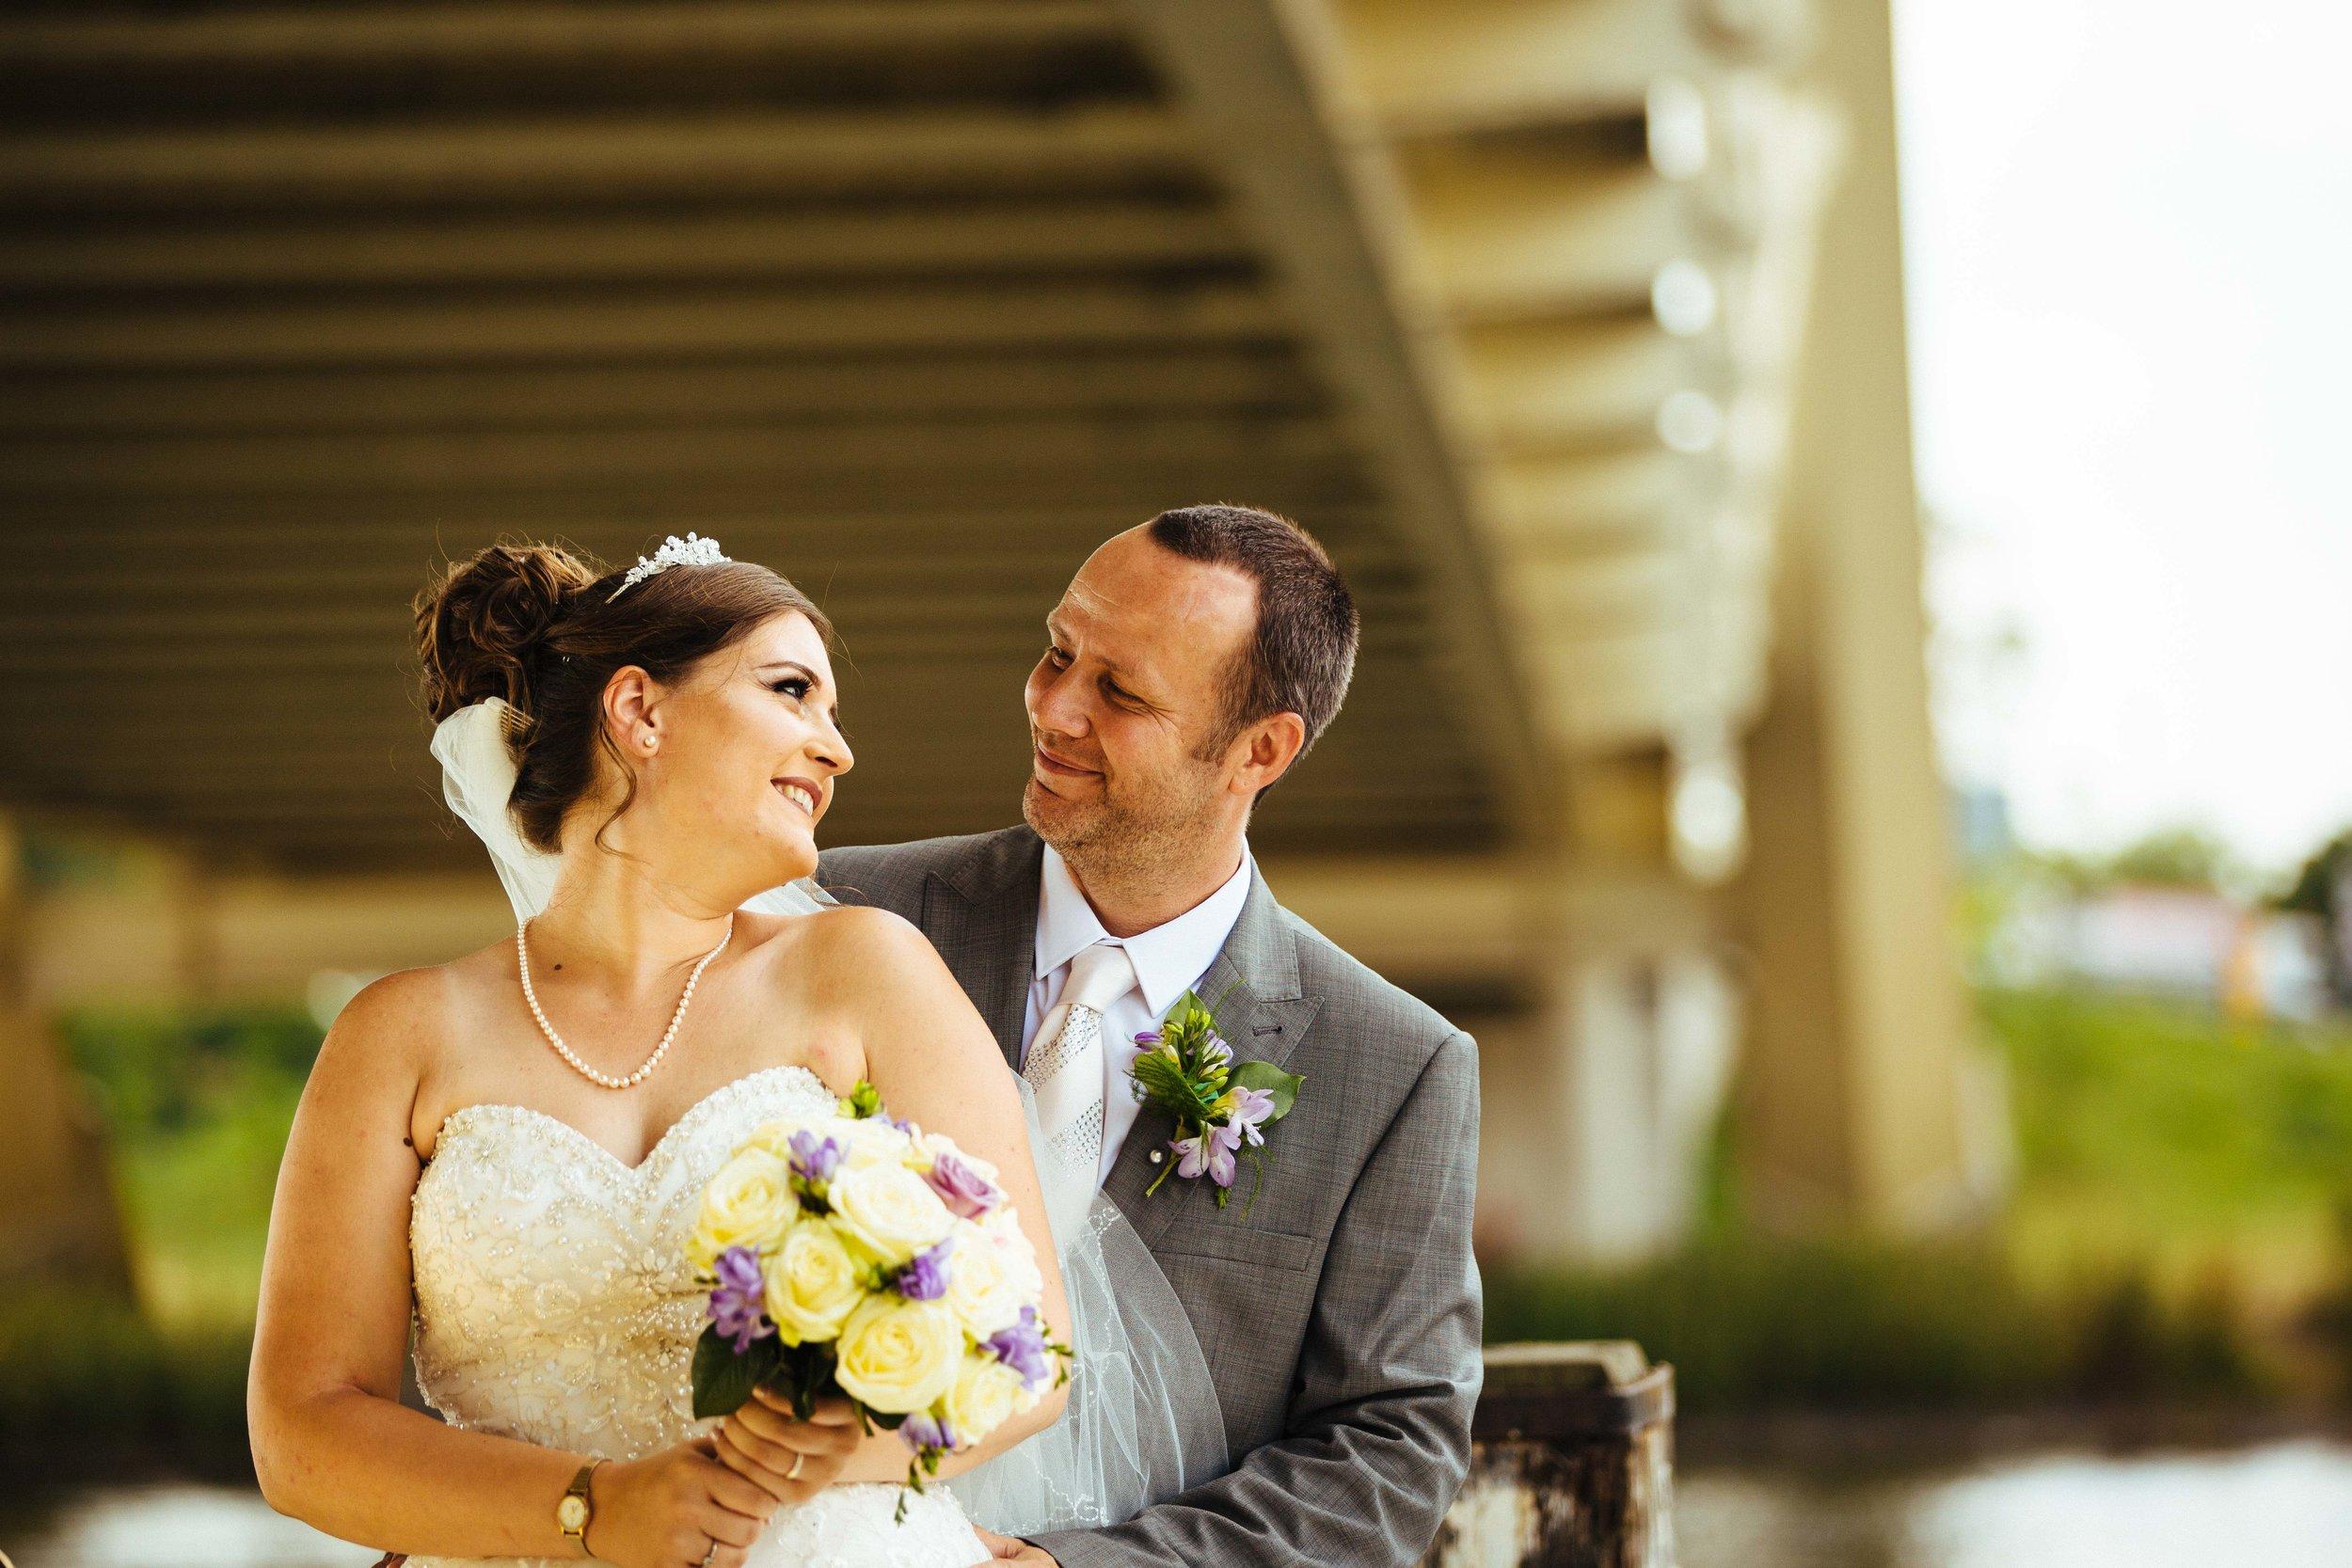 HamptonCourt-Wedding-Weybridge-Surrey-London-OatlandsParkHotel-36